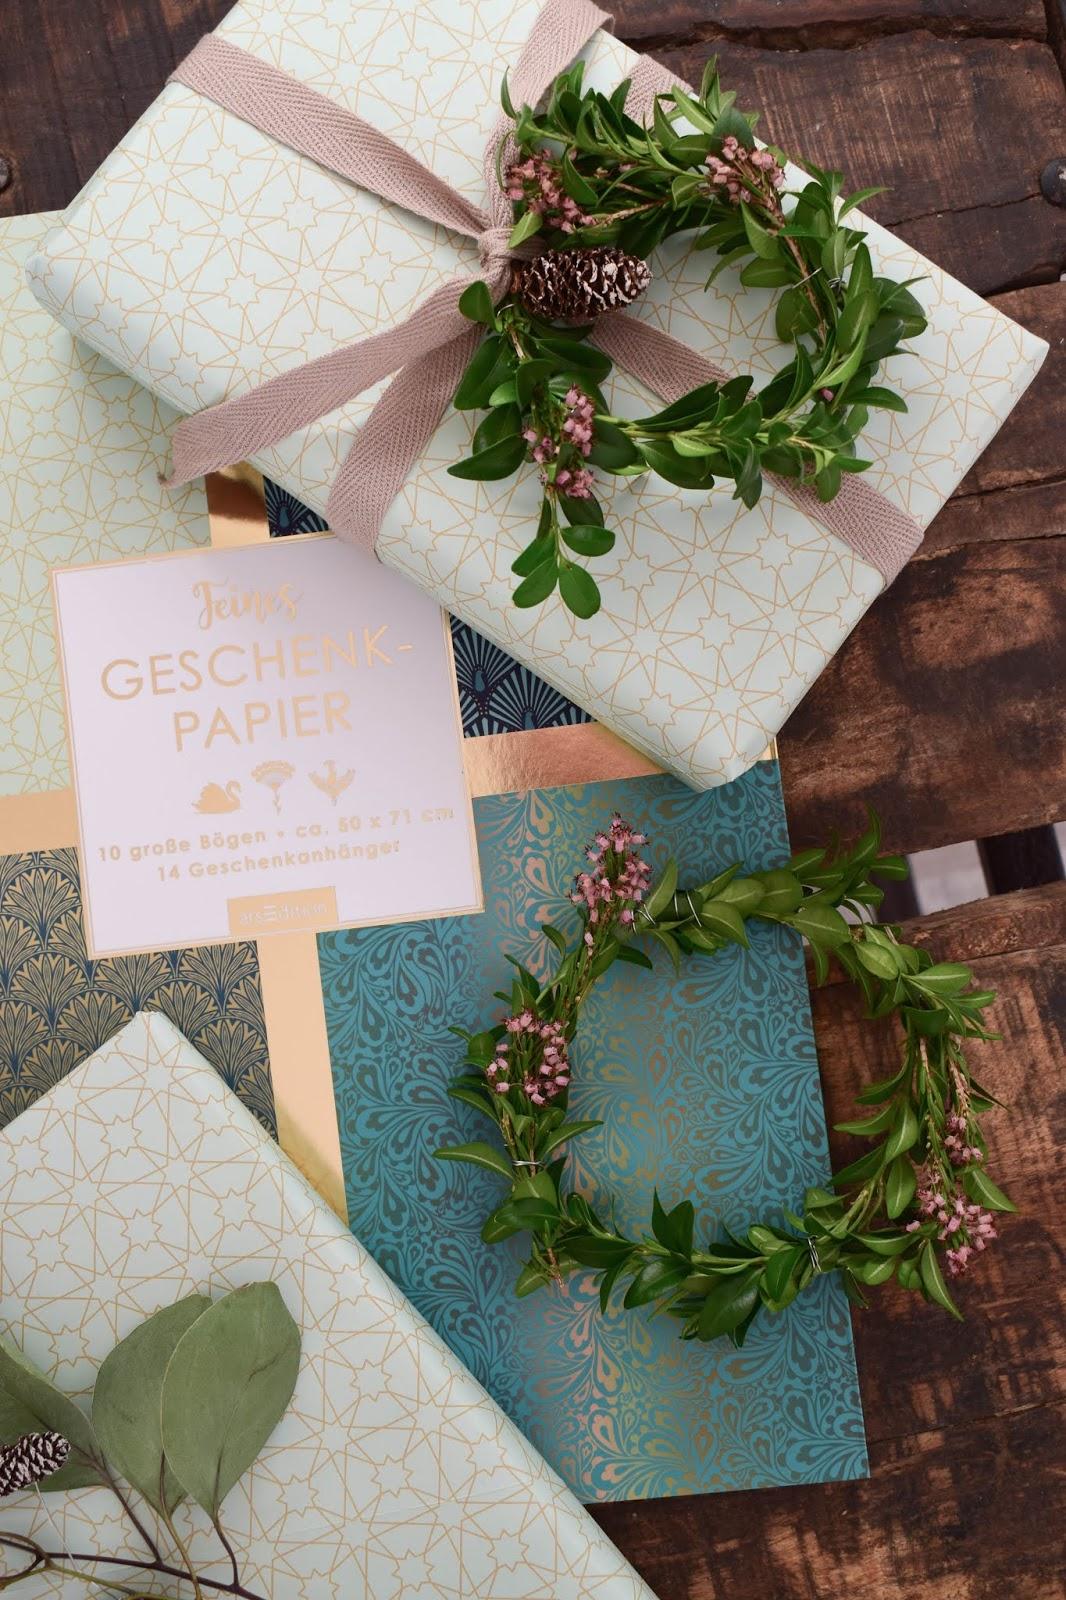 Geschenkverpackung Idee arsEdition Geschenkpapier Buchskranz eukalyptus Zapfen Dekoidee schön verpacken für Weihnachten Weihnachtsgeschenk DIY Zapfenkette arsEdition